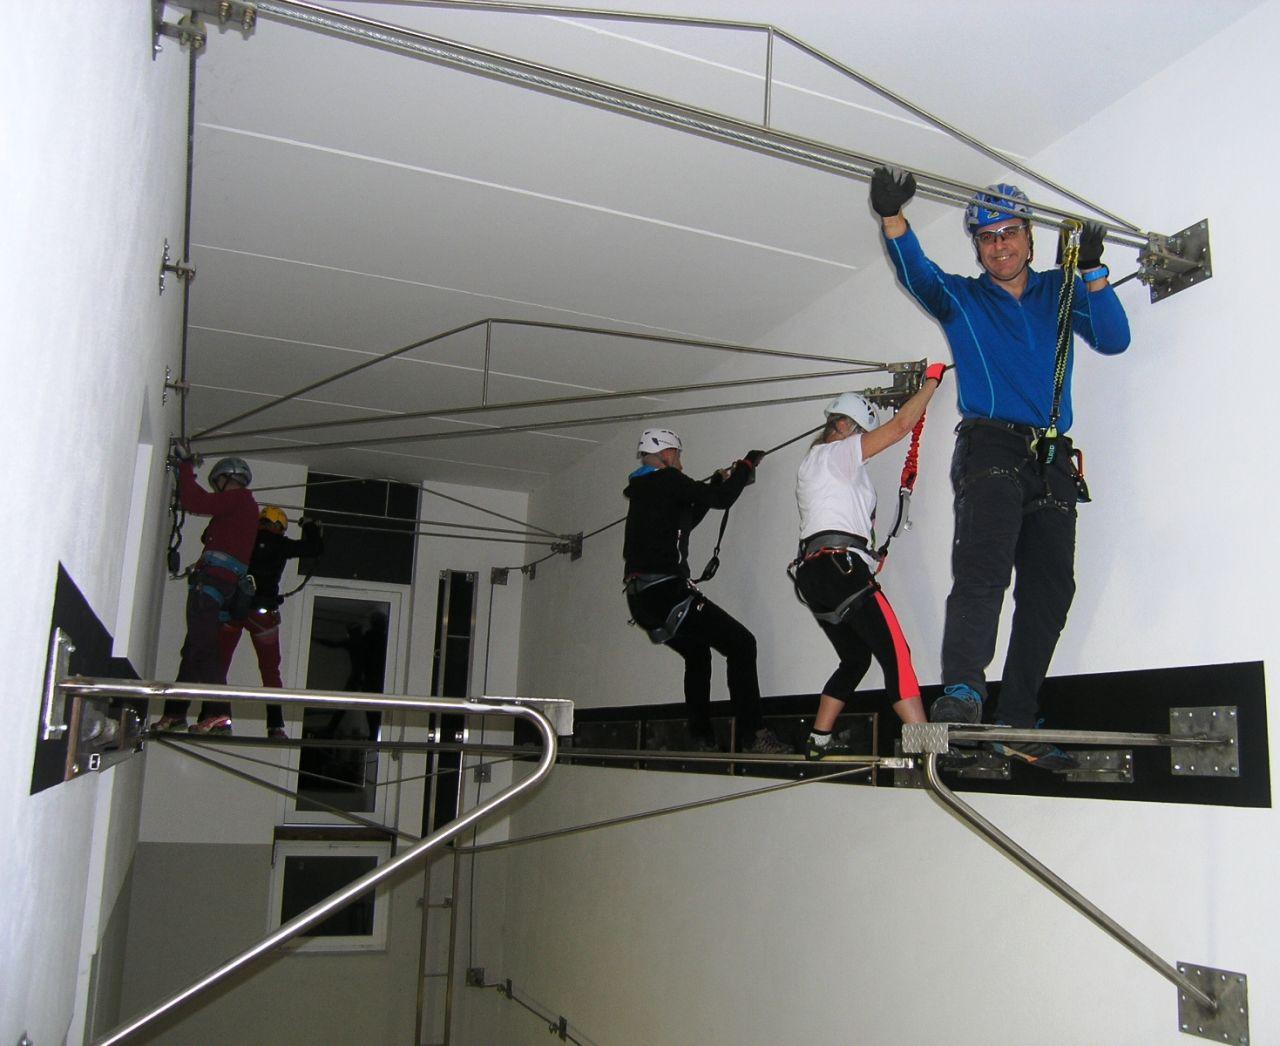 Klettersteig Bad Ischl : Berchtesgadener hochthron klettersteig d e hm h